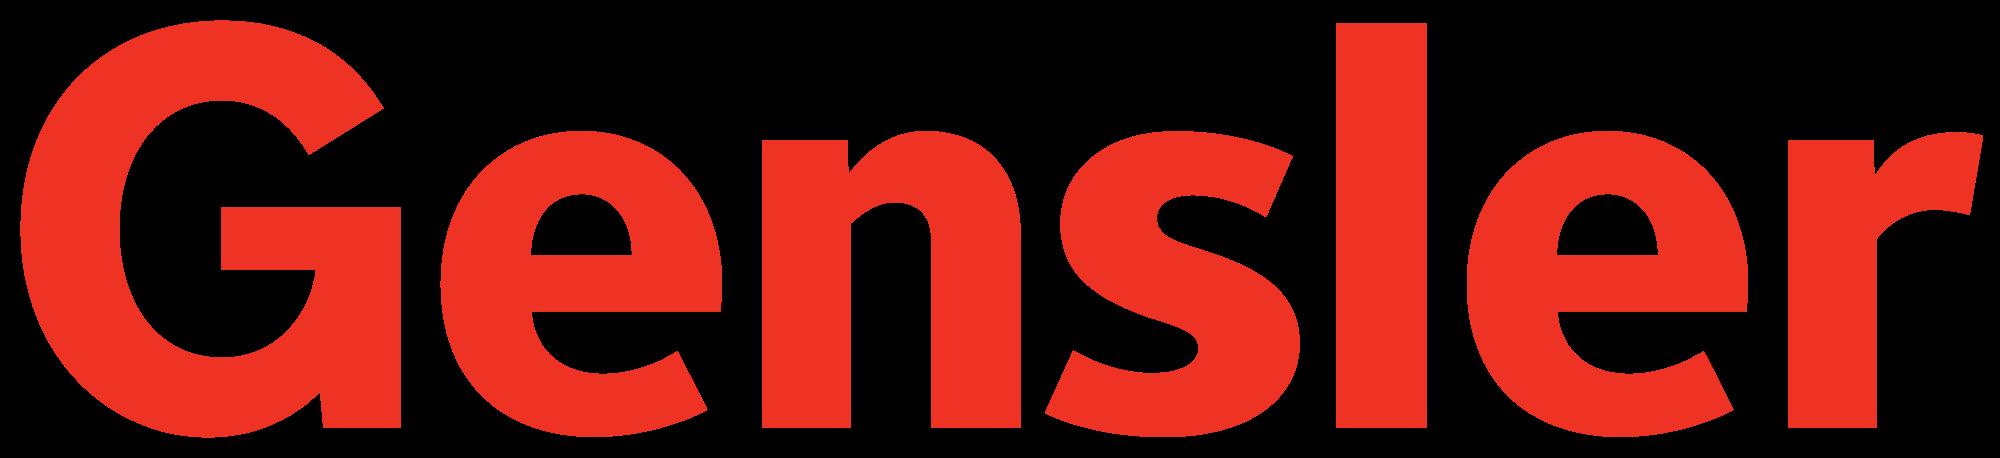 Gensler_logo_svg.png